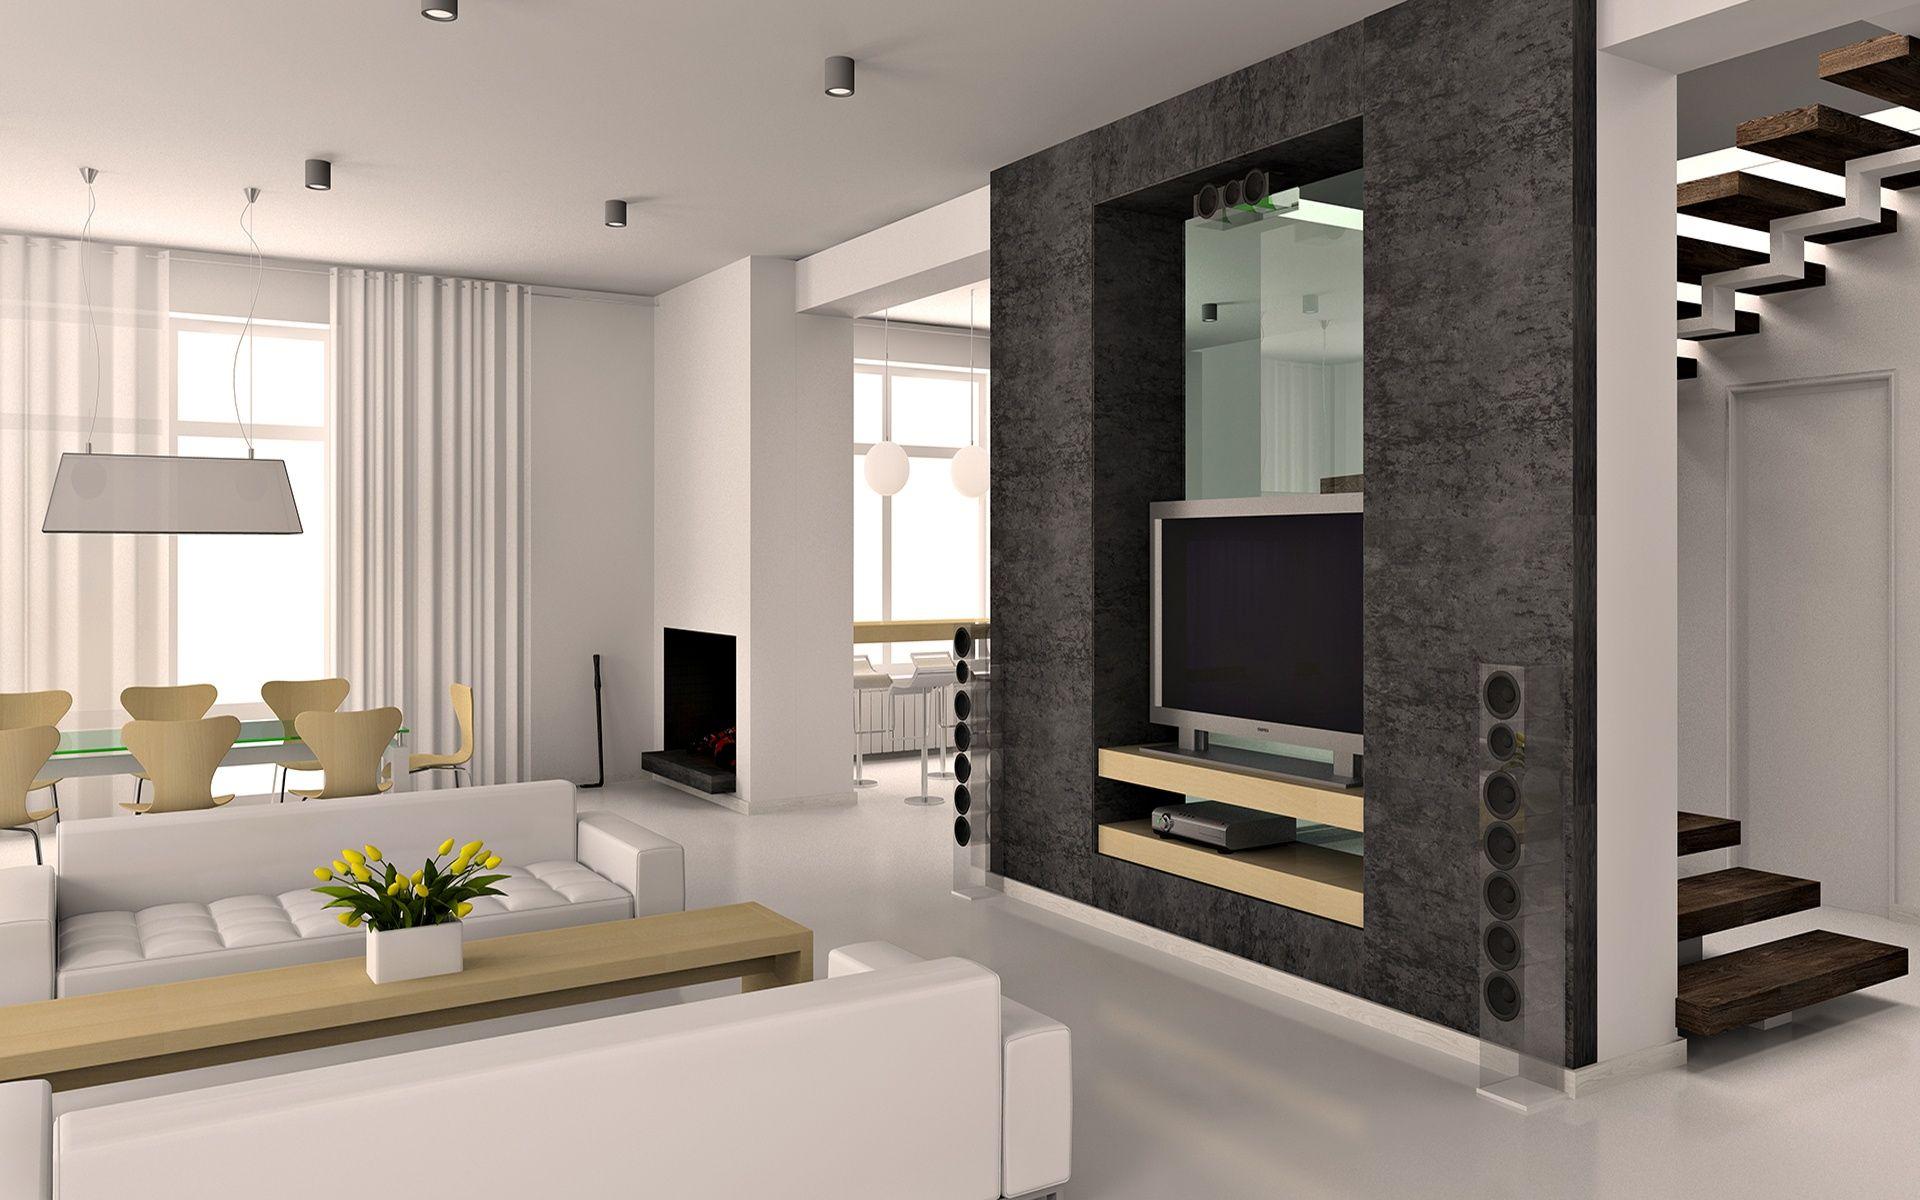 بهترین چینش دکوراسیون داخلی منزل چه ویژگی هایی دارد؟